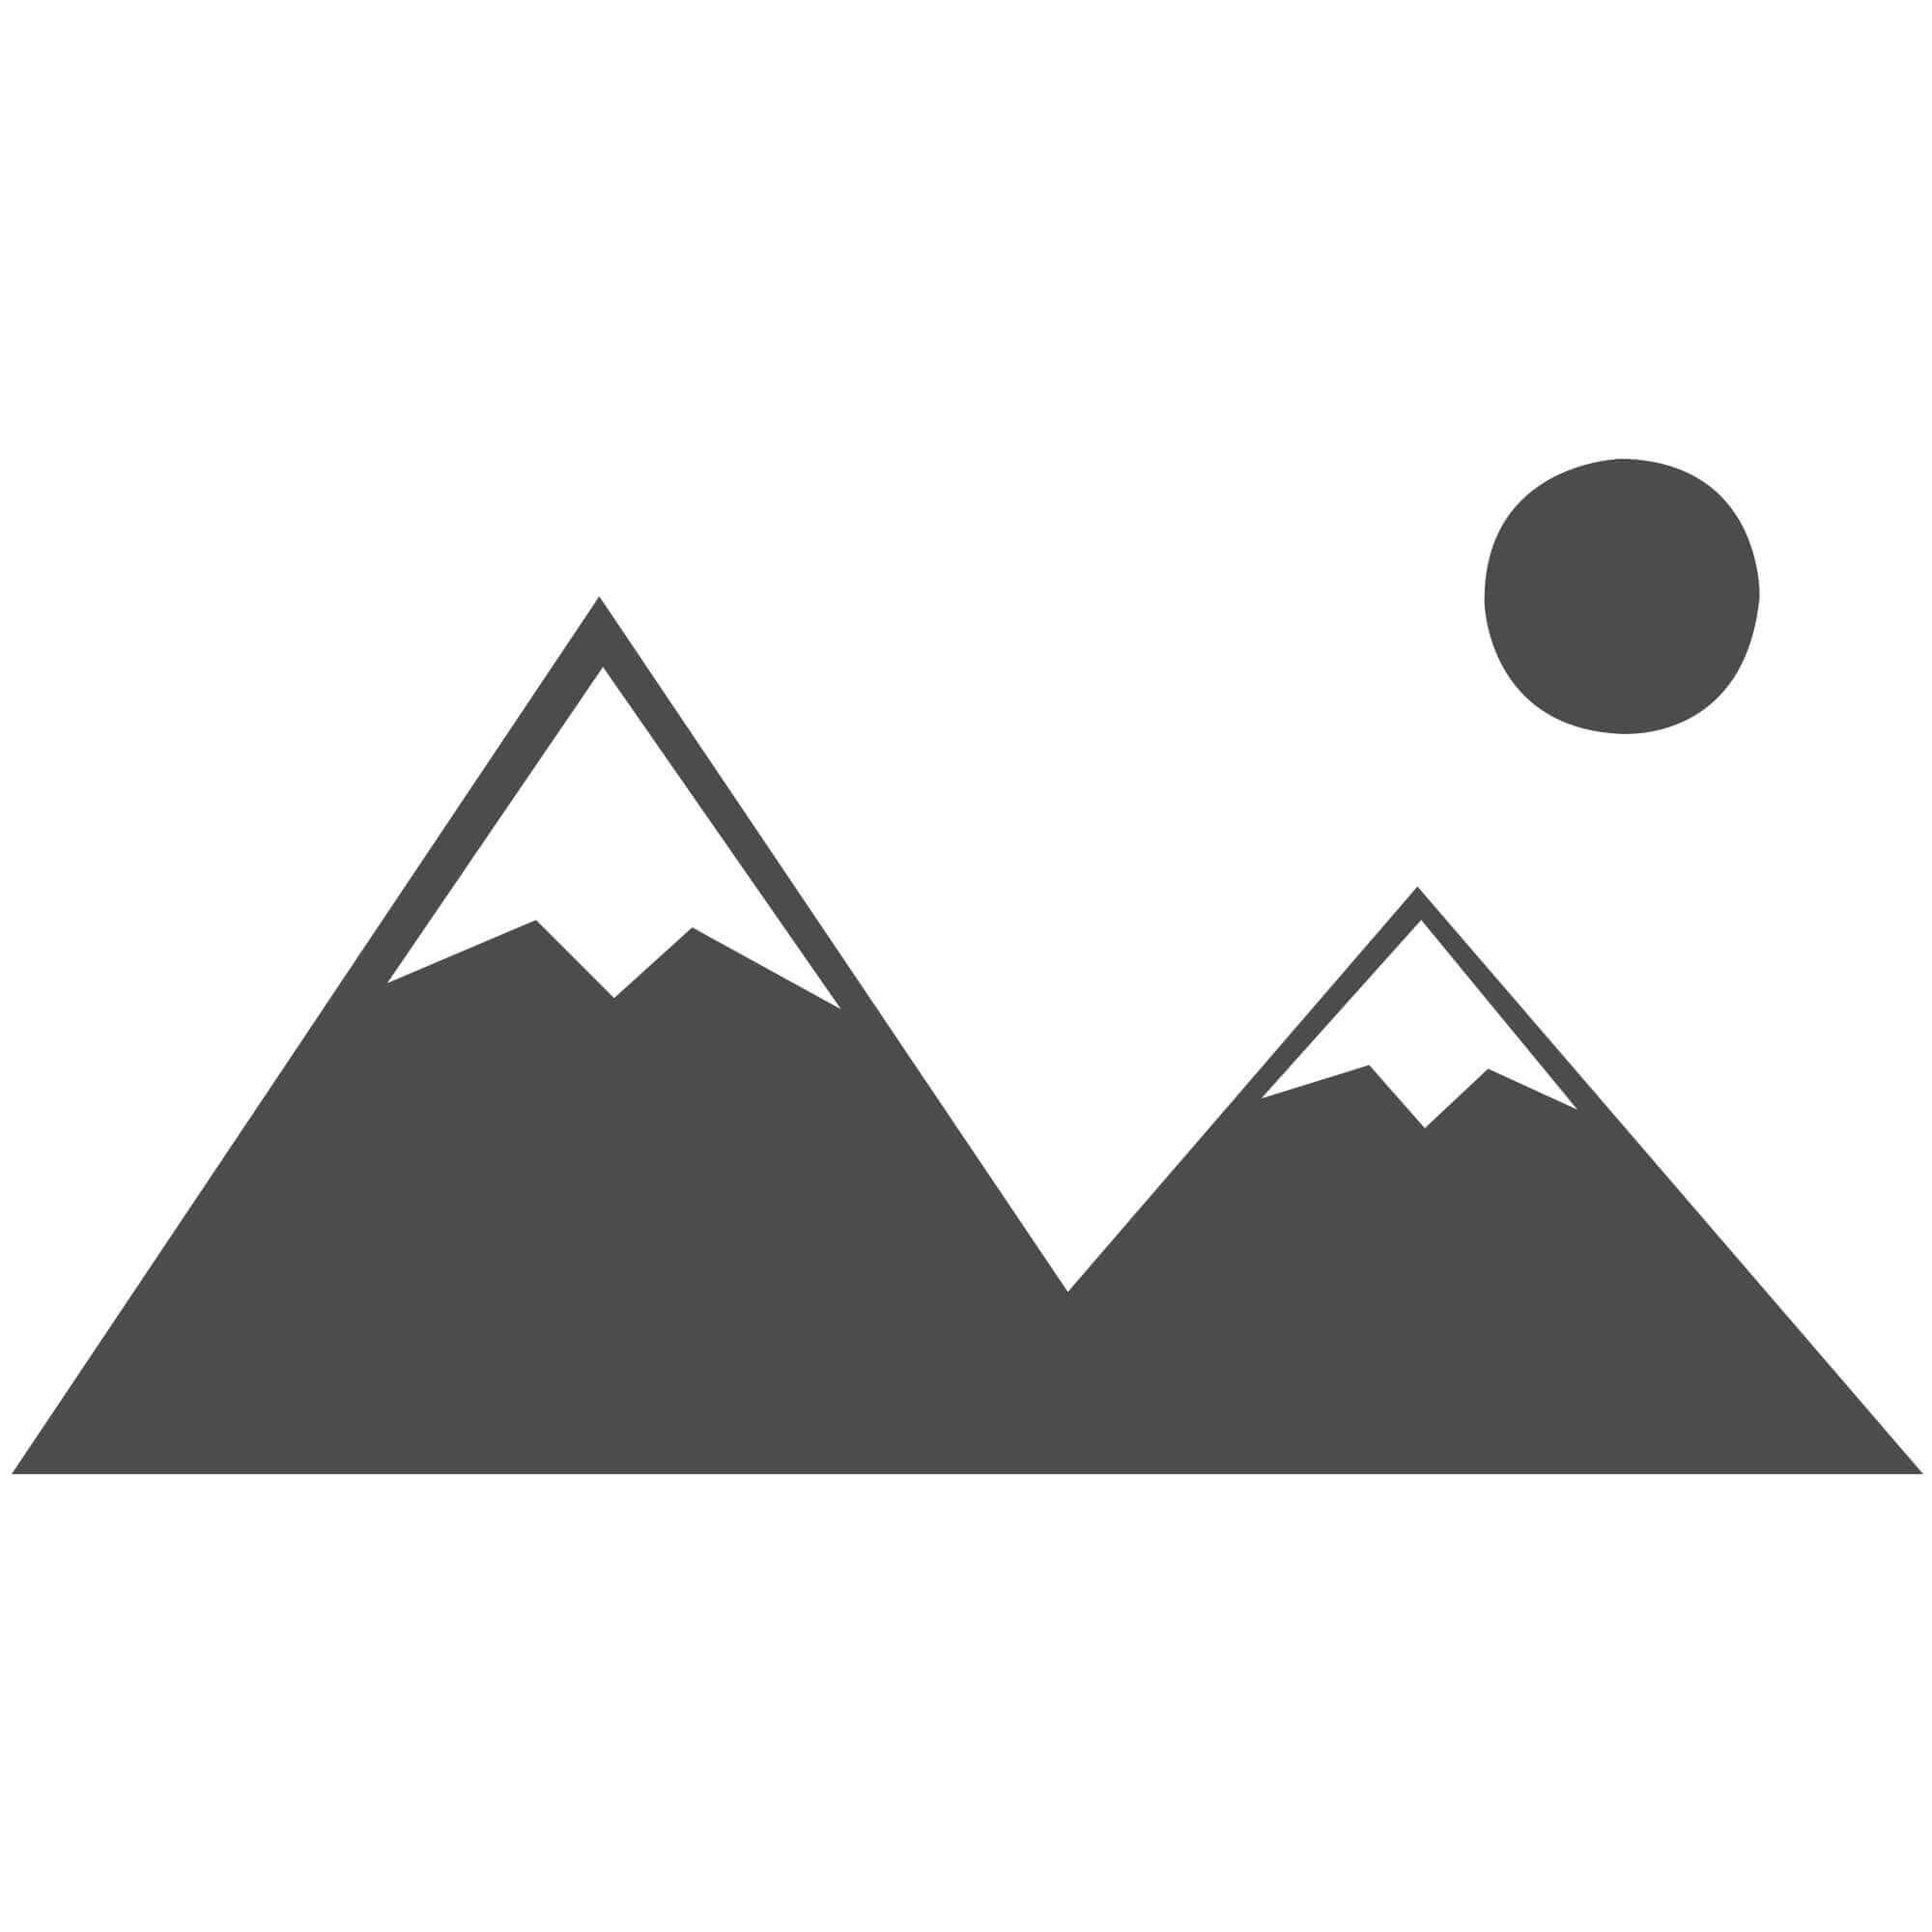 BICNC-2D/3D CNC STARTER KIT